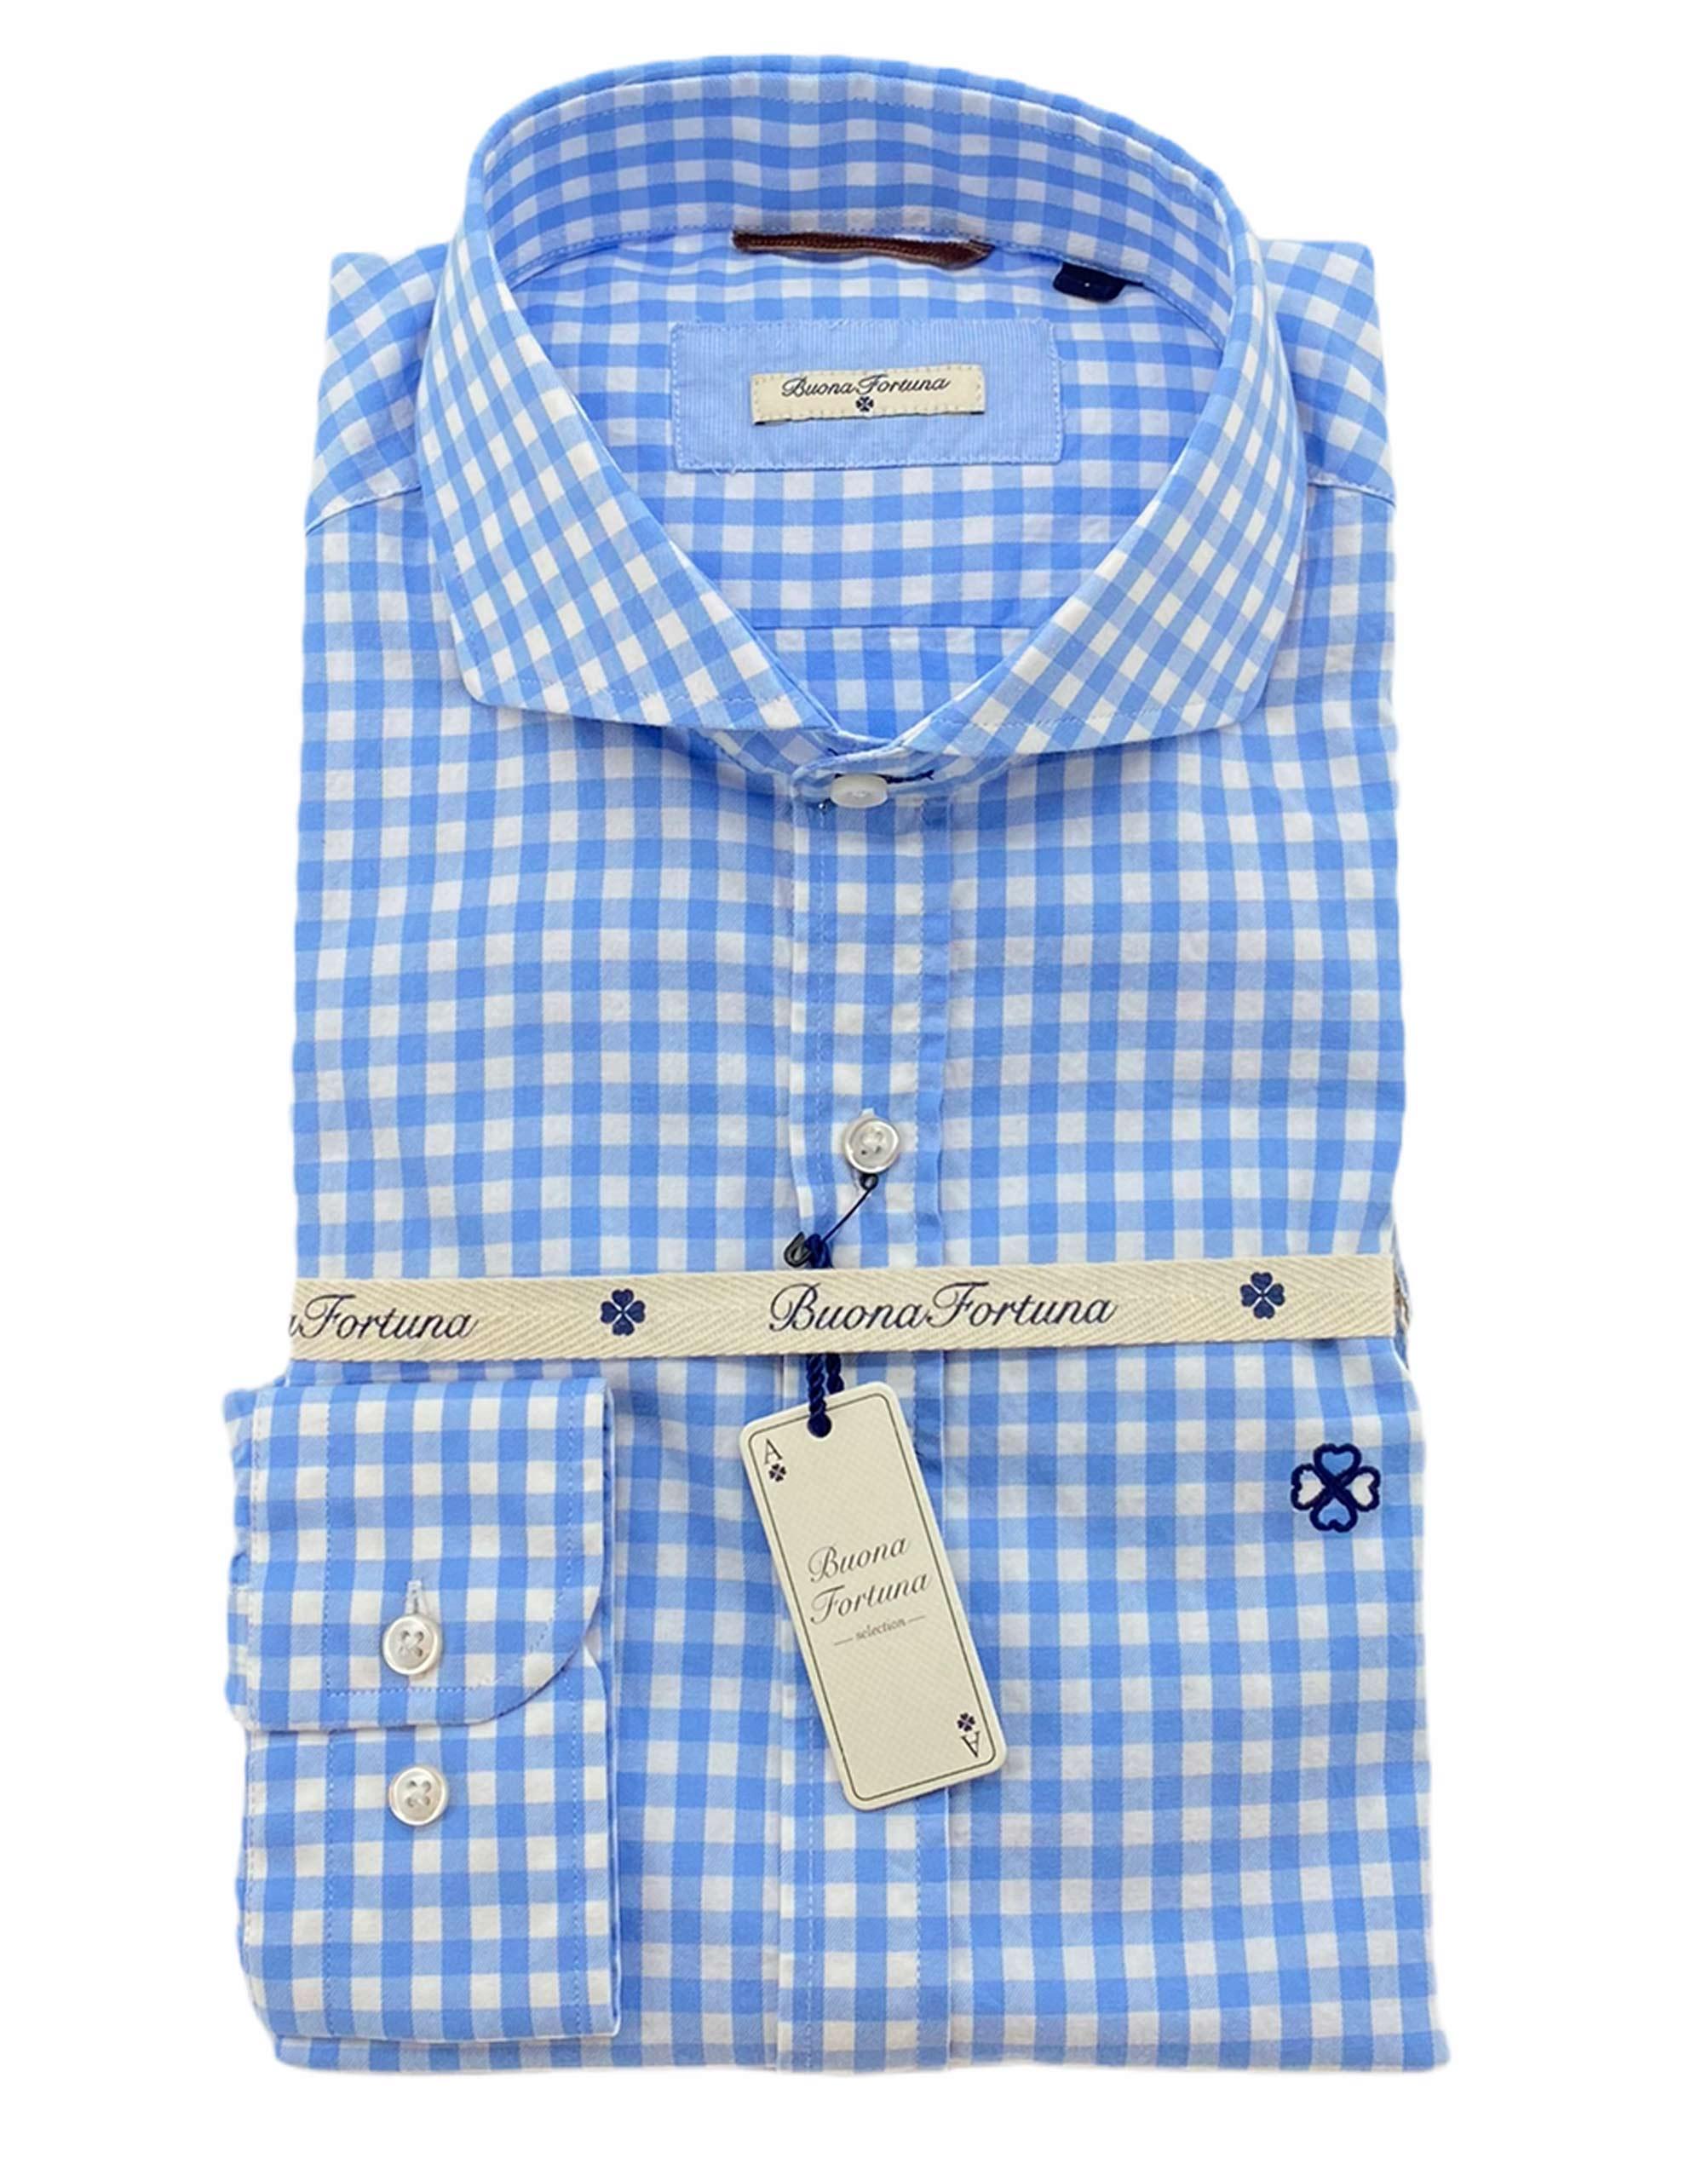 camisa-sport-para-hombre-comprar-online-camisas-italianas-en-exclusiva